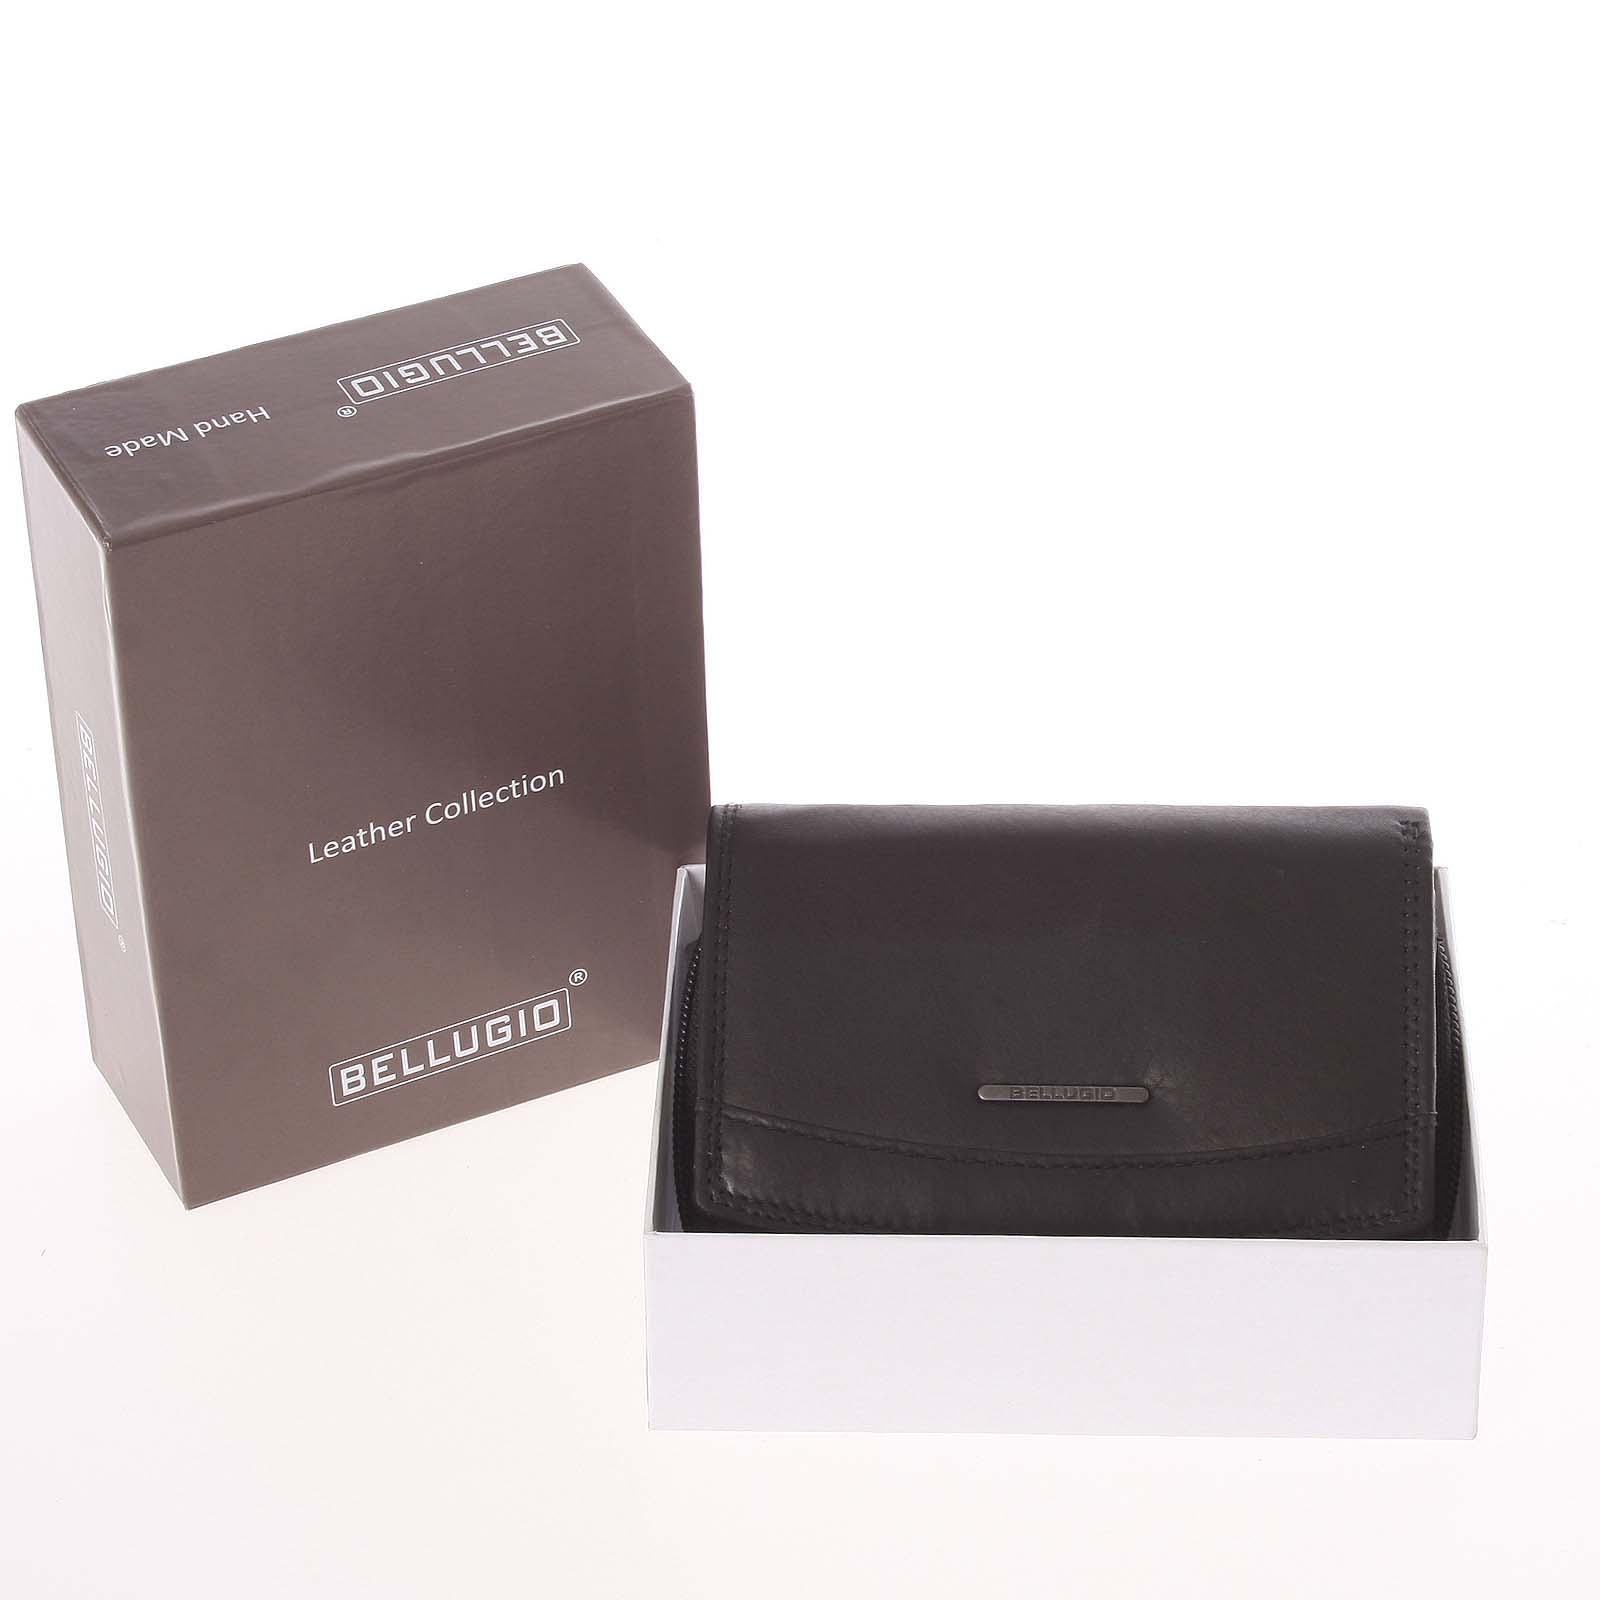 Štýlová kožená dámska peňaženka čierna - Bellugio Smith